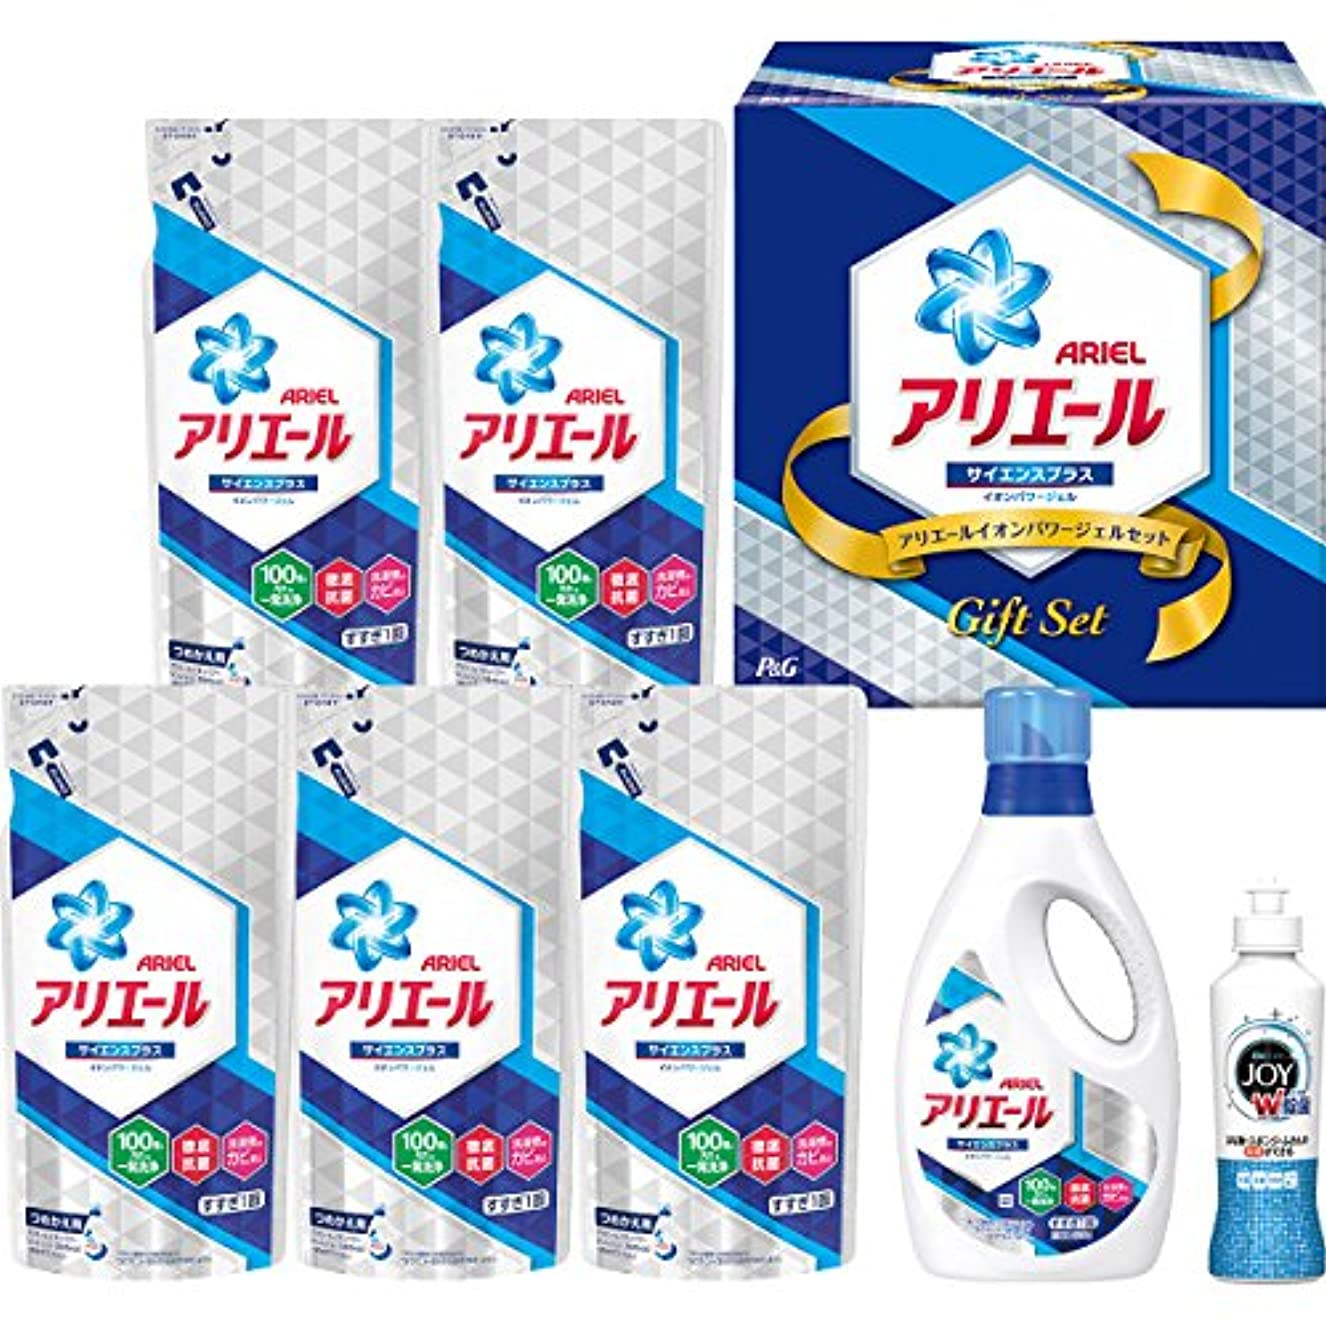 マーク期限強化P&G(ピーアンドジー) 【お歳暮2018】P&G アリエールイオンパワージェルセット(PGIG-40XA)